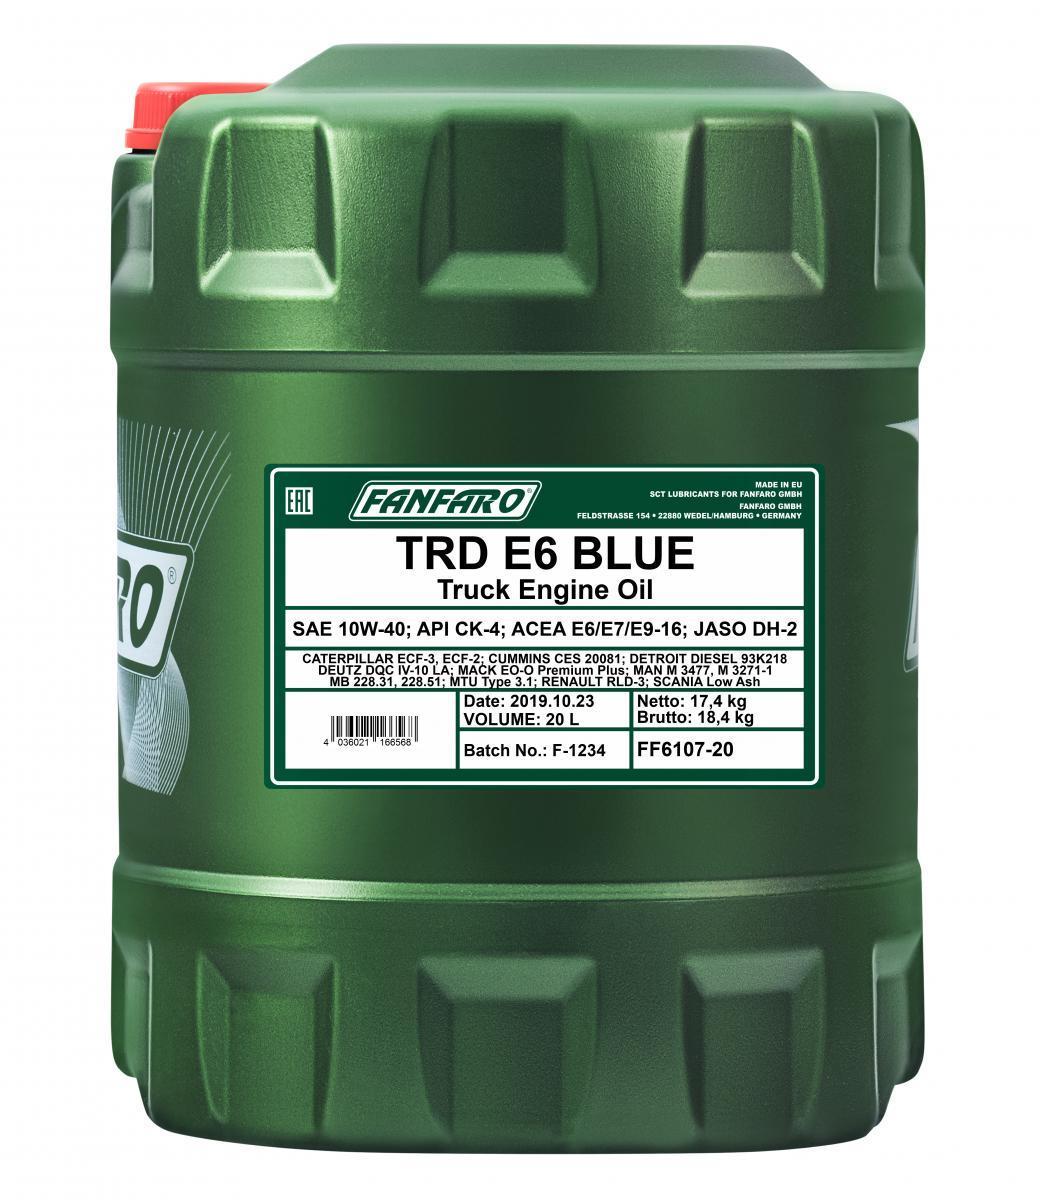 FF6107-20 FANFARO Motoröl für DAF online bestellen